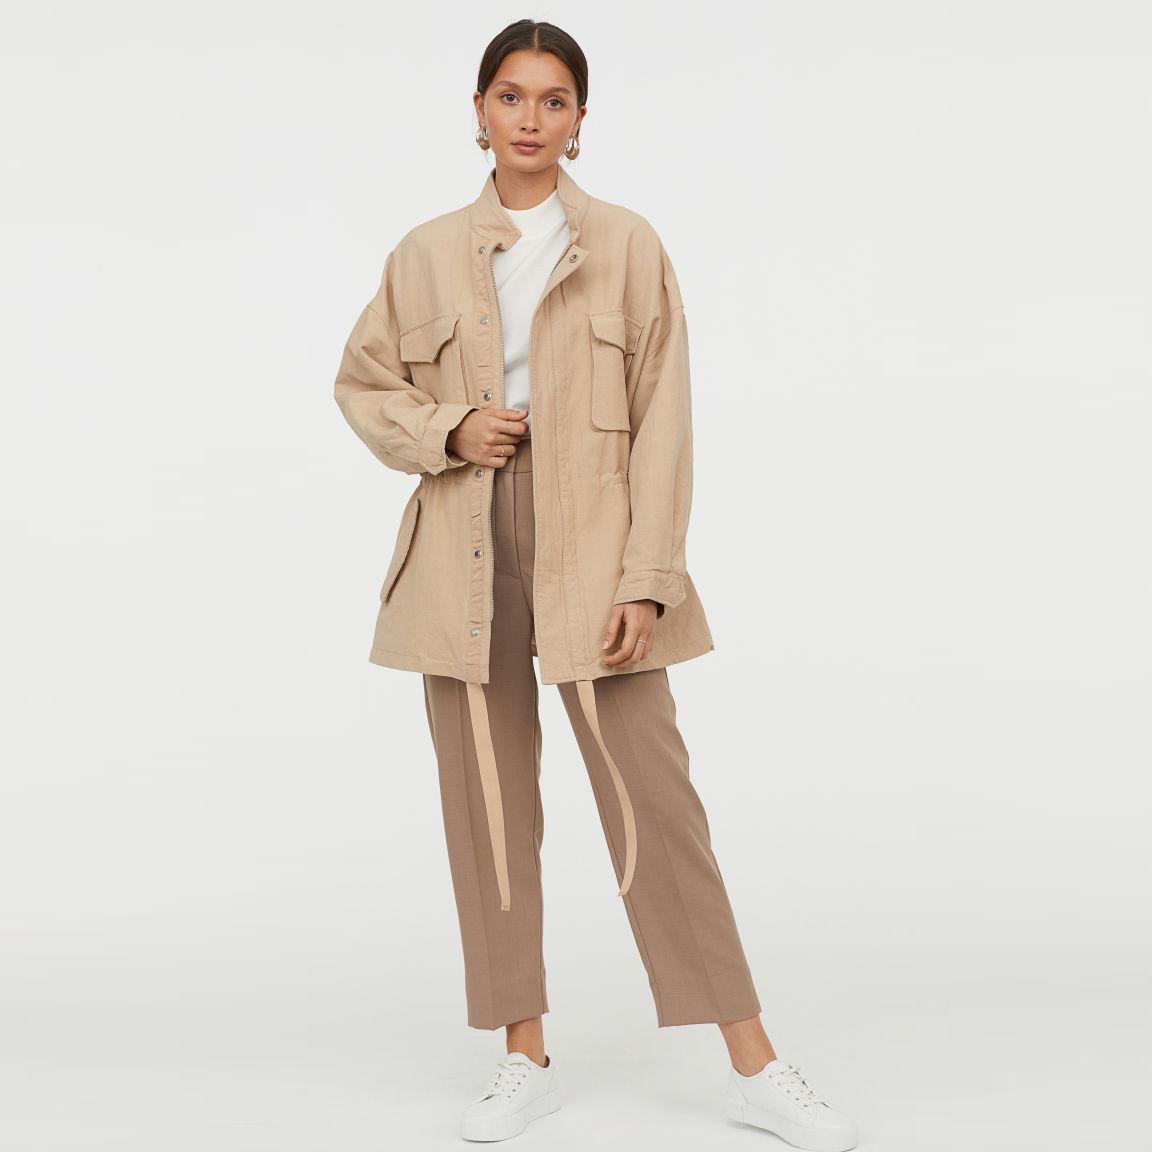 H&M, £49.99